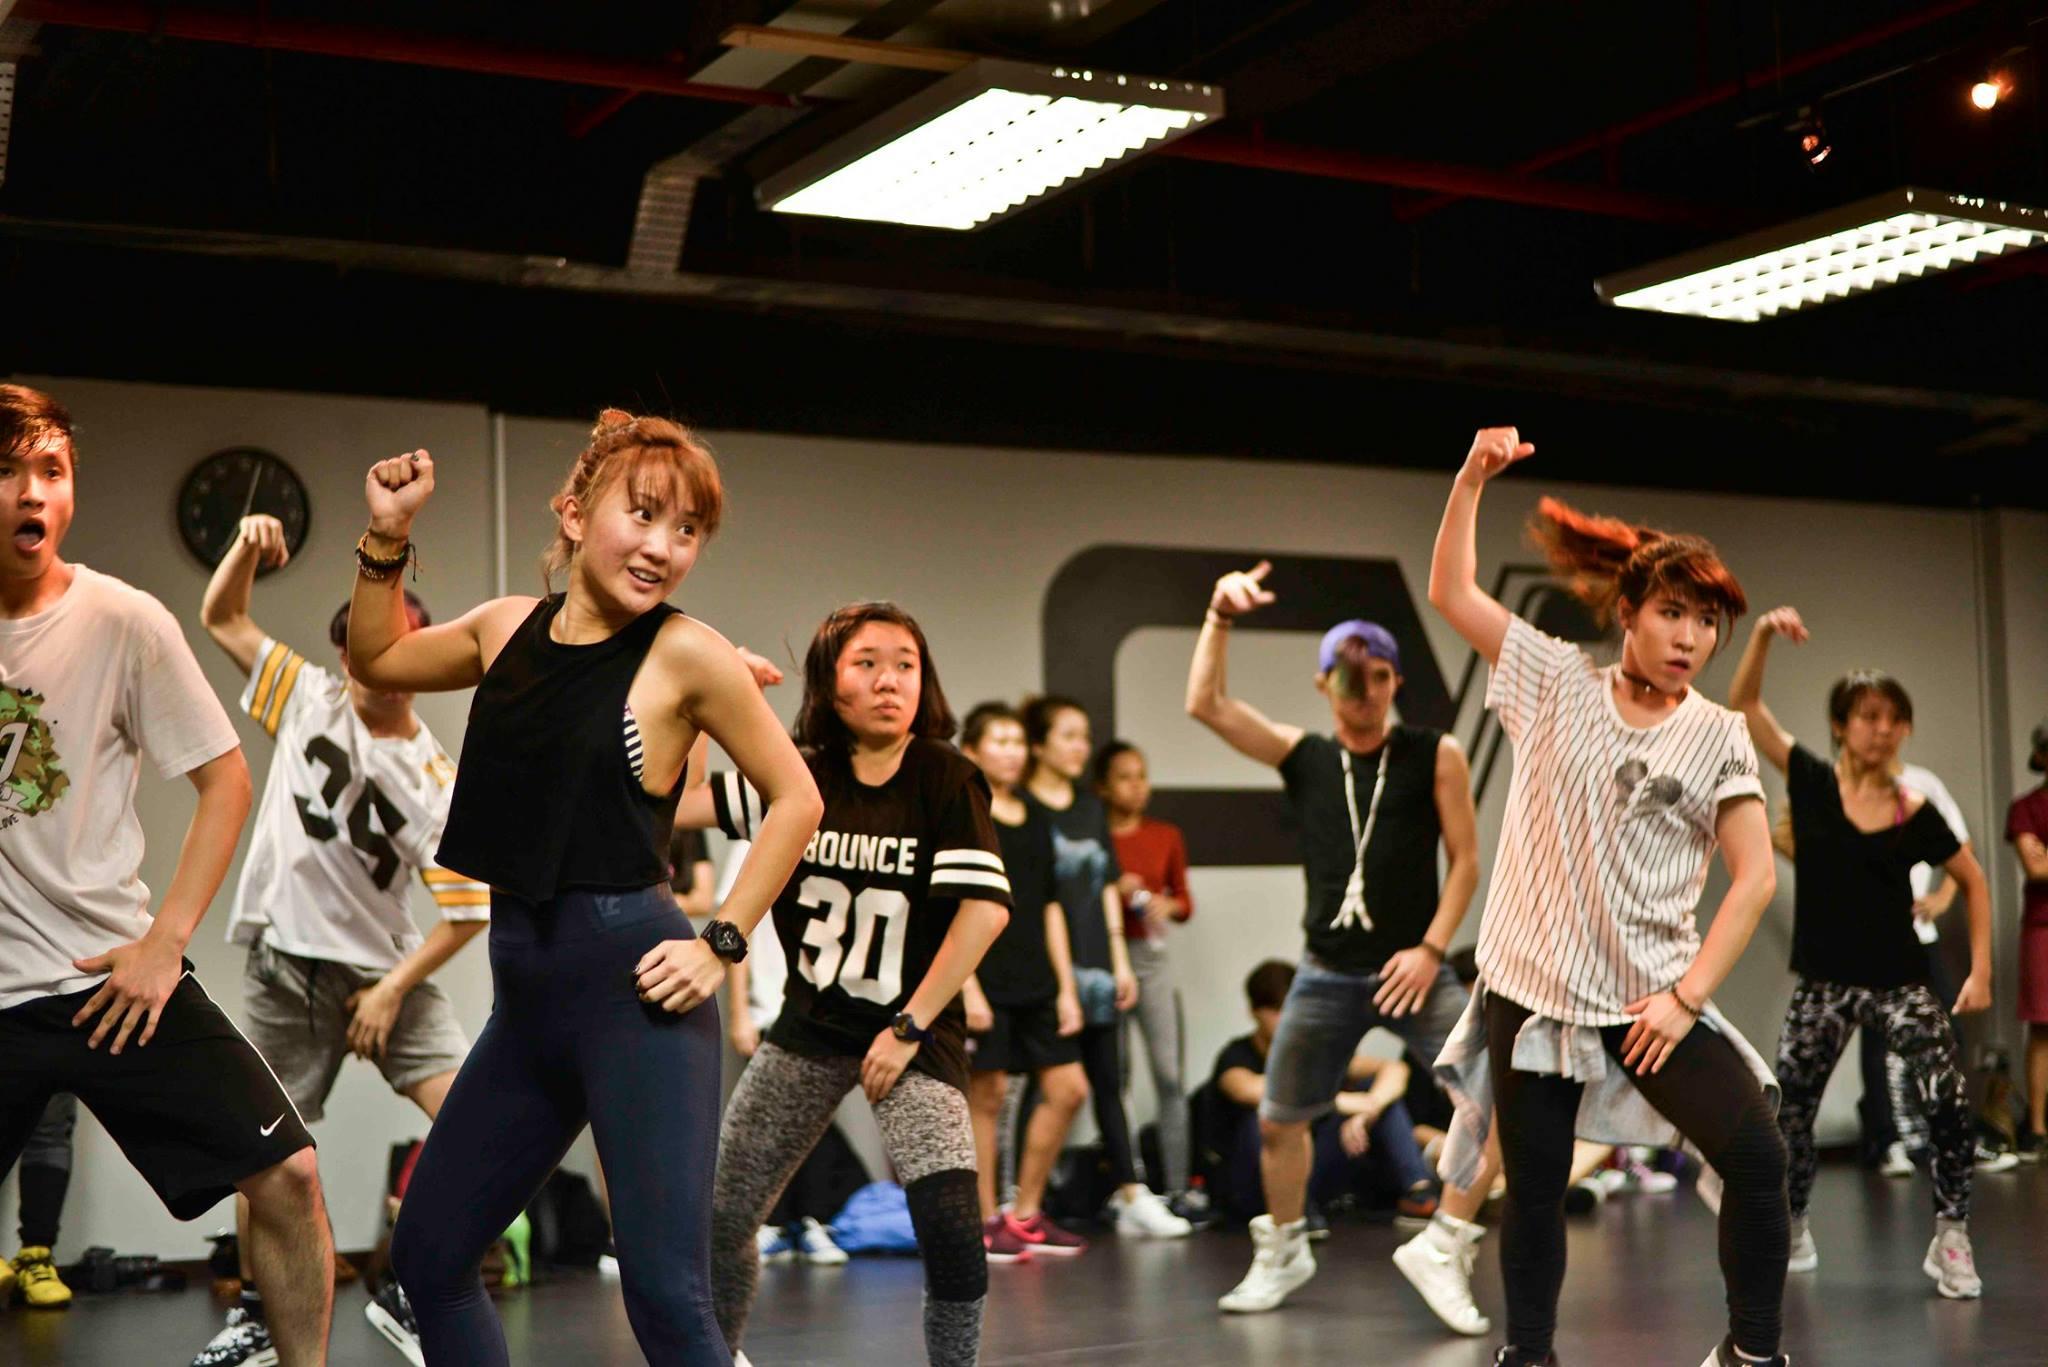 converge dance studio in singapore